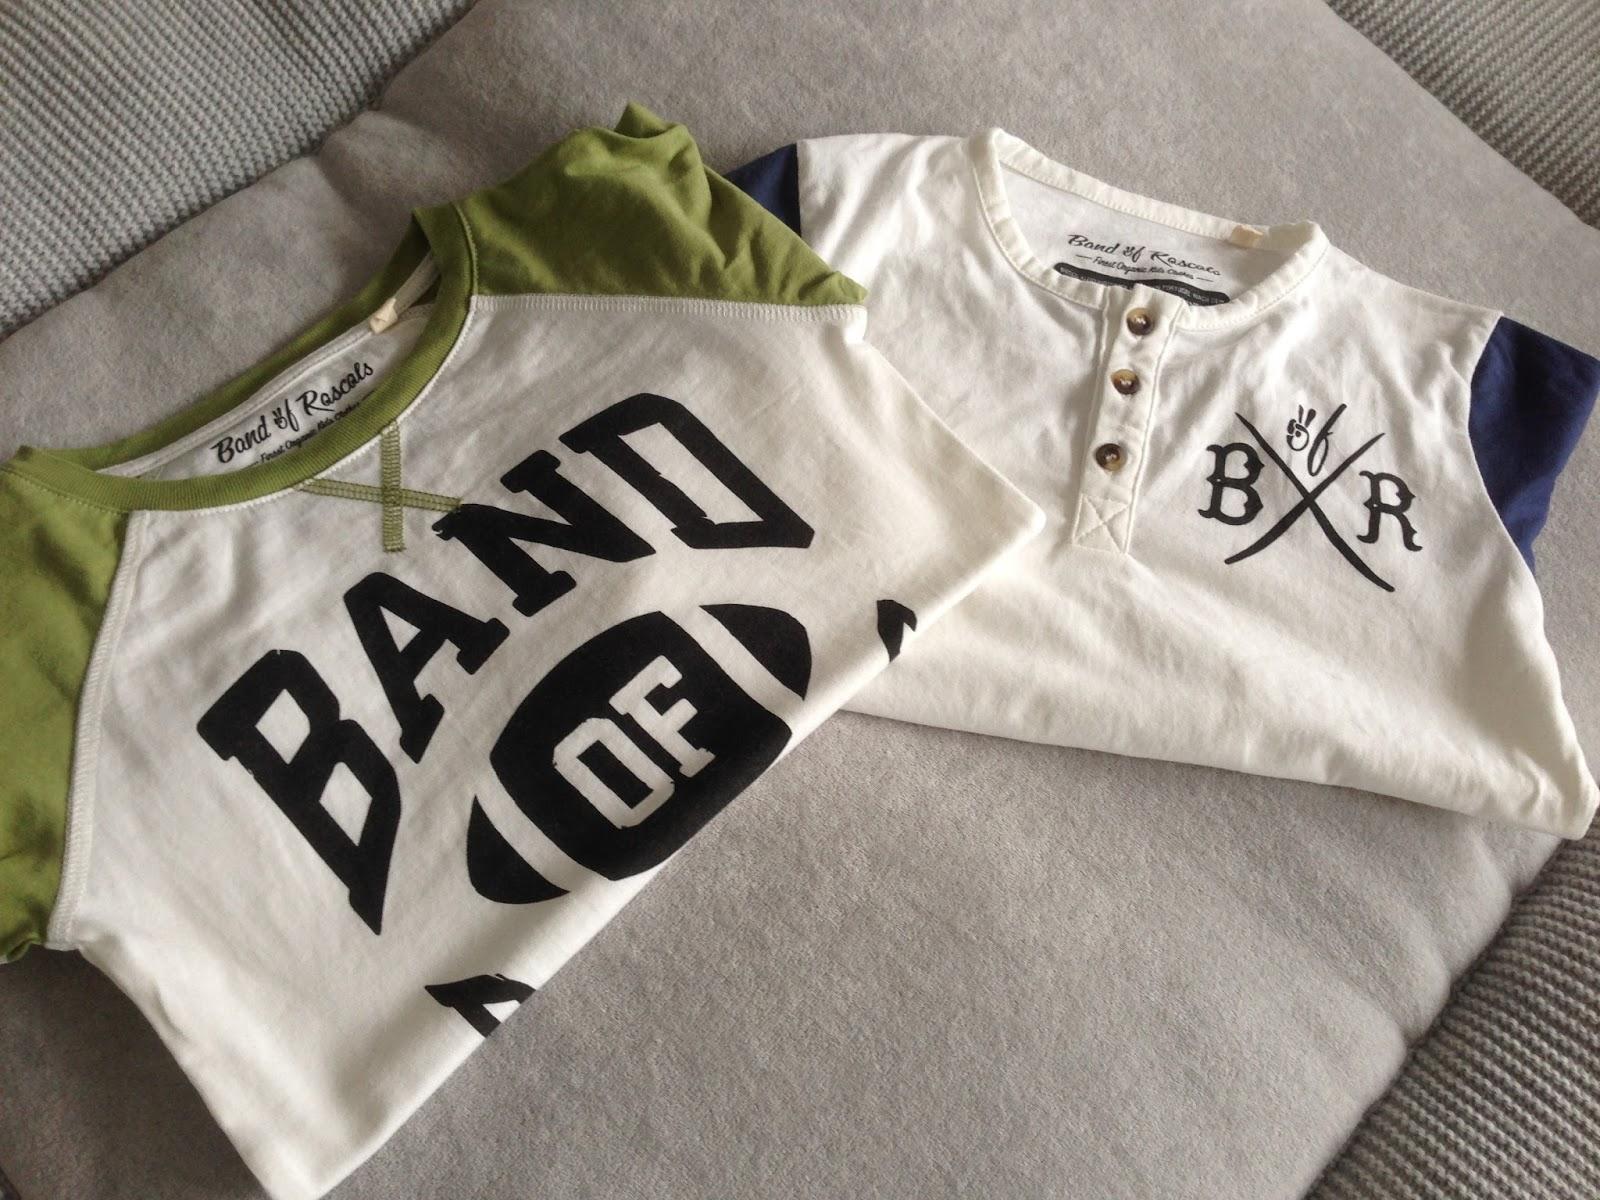 Coole Bettwäsche Für Junge Männer Outfit Das Gelöste Rucksack